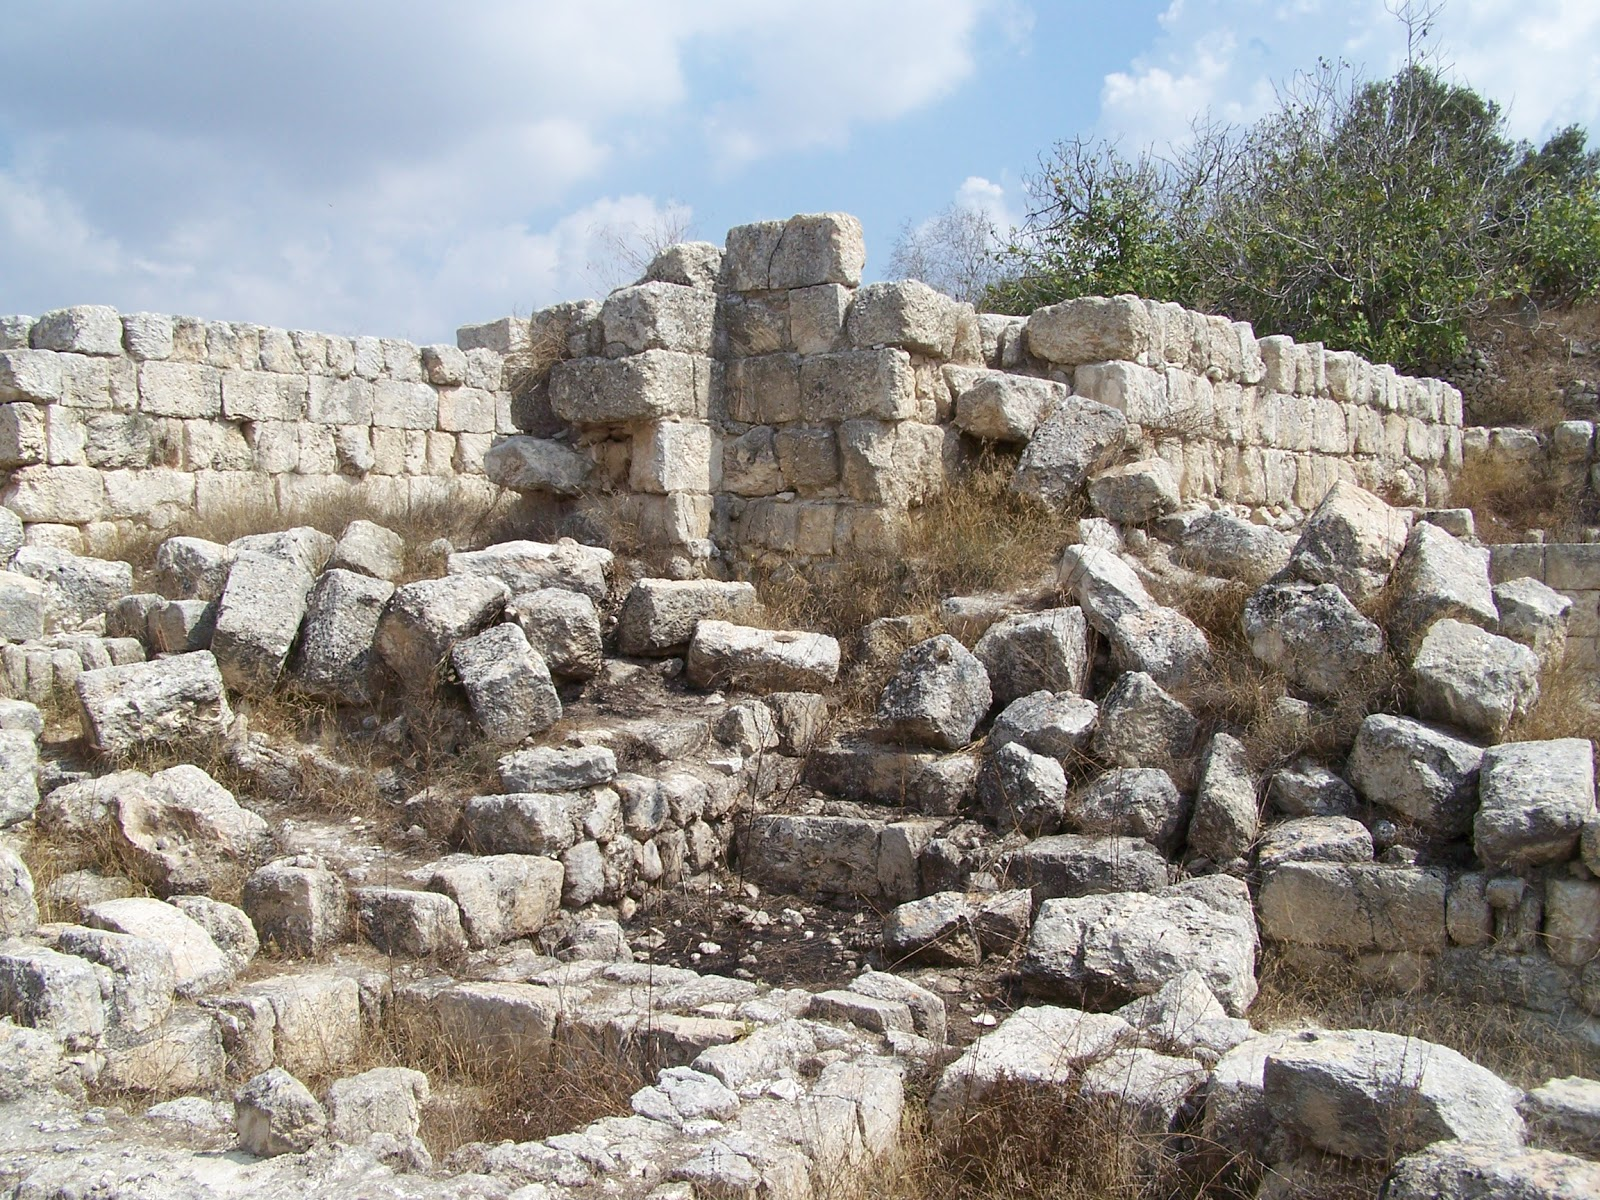 上图:撒马利亚卫城挖掘出来的白色王宫遗址,可能就是亚哈所「修造的象牙宫」(王上二十二39),于主前721年被亚述摧毁。城墙厚约五英尺,用当时最上等的工艺筑成。亚哈王进一步加强城防设施,加建了厚度超过三十英尺的夹壁城墙。